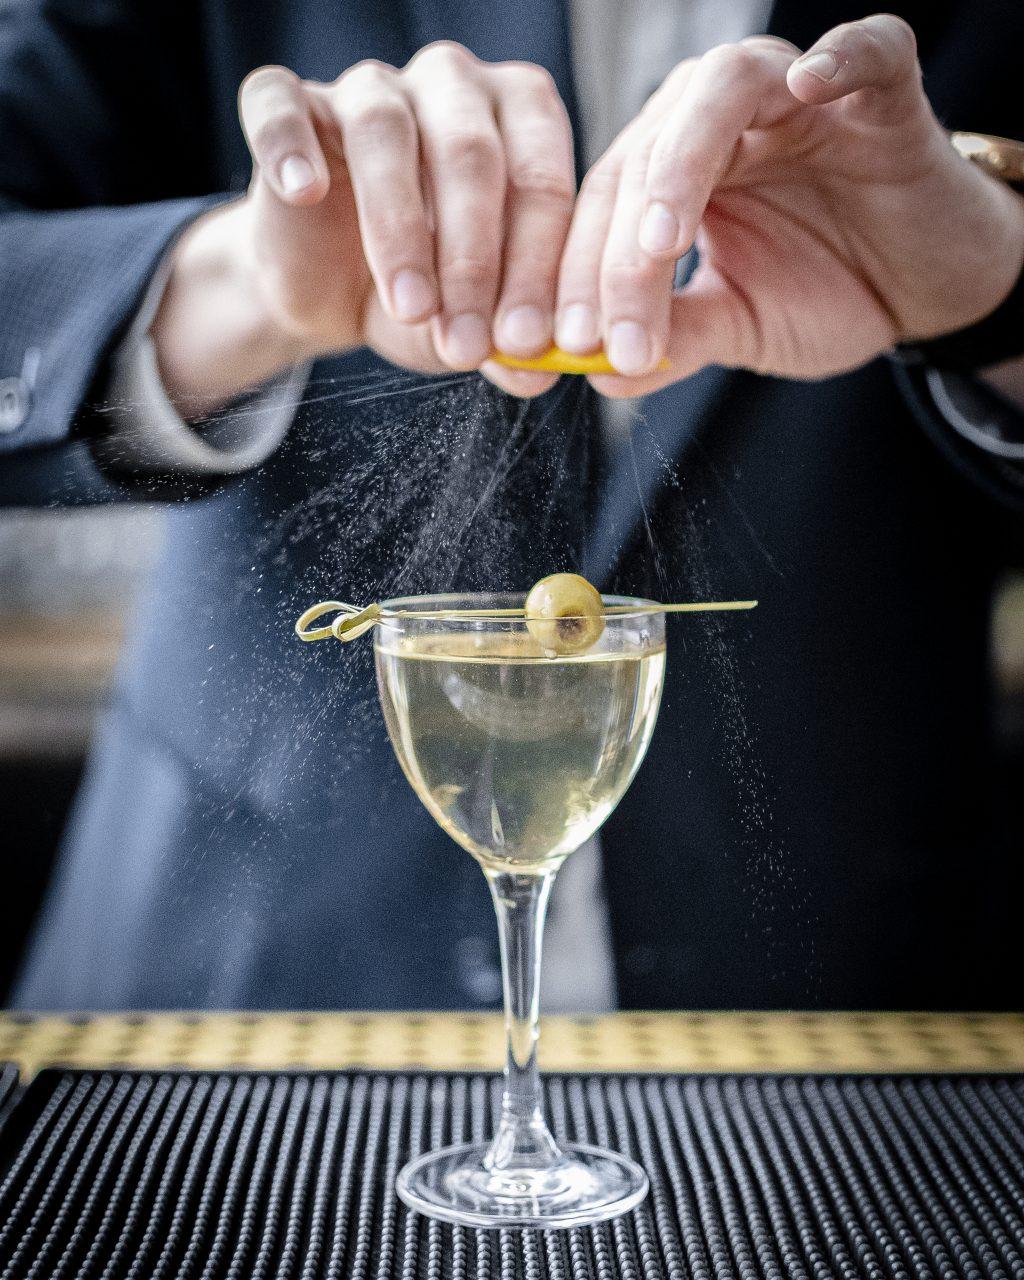 fulton bartender garnishing a martini at the bar